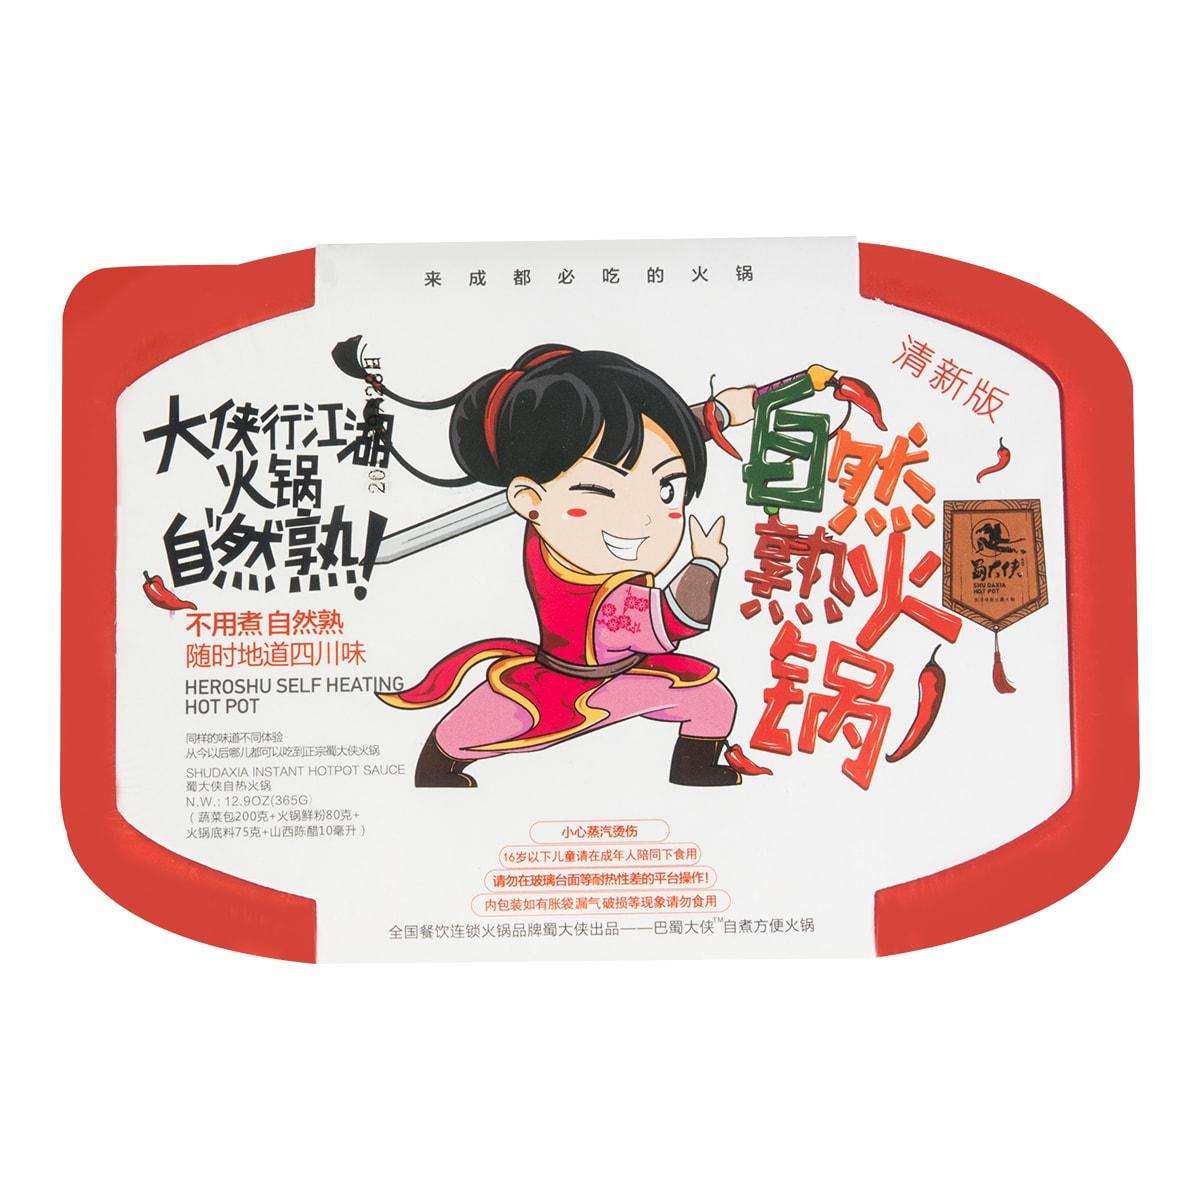 蜀大侠 自熟火锅 道地四川味 清新版 365g